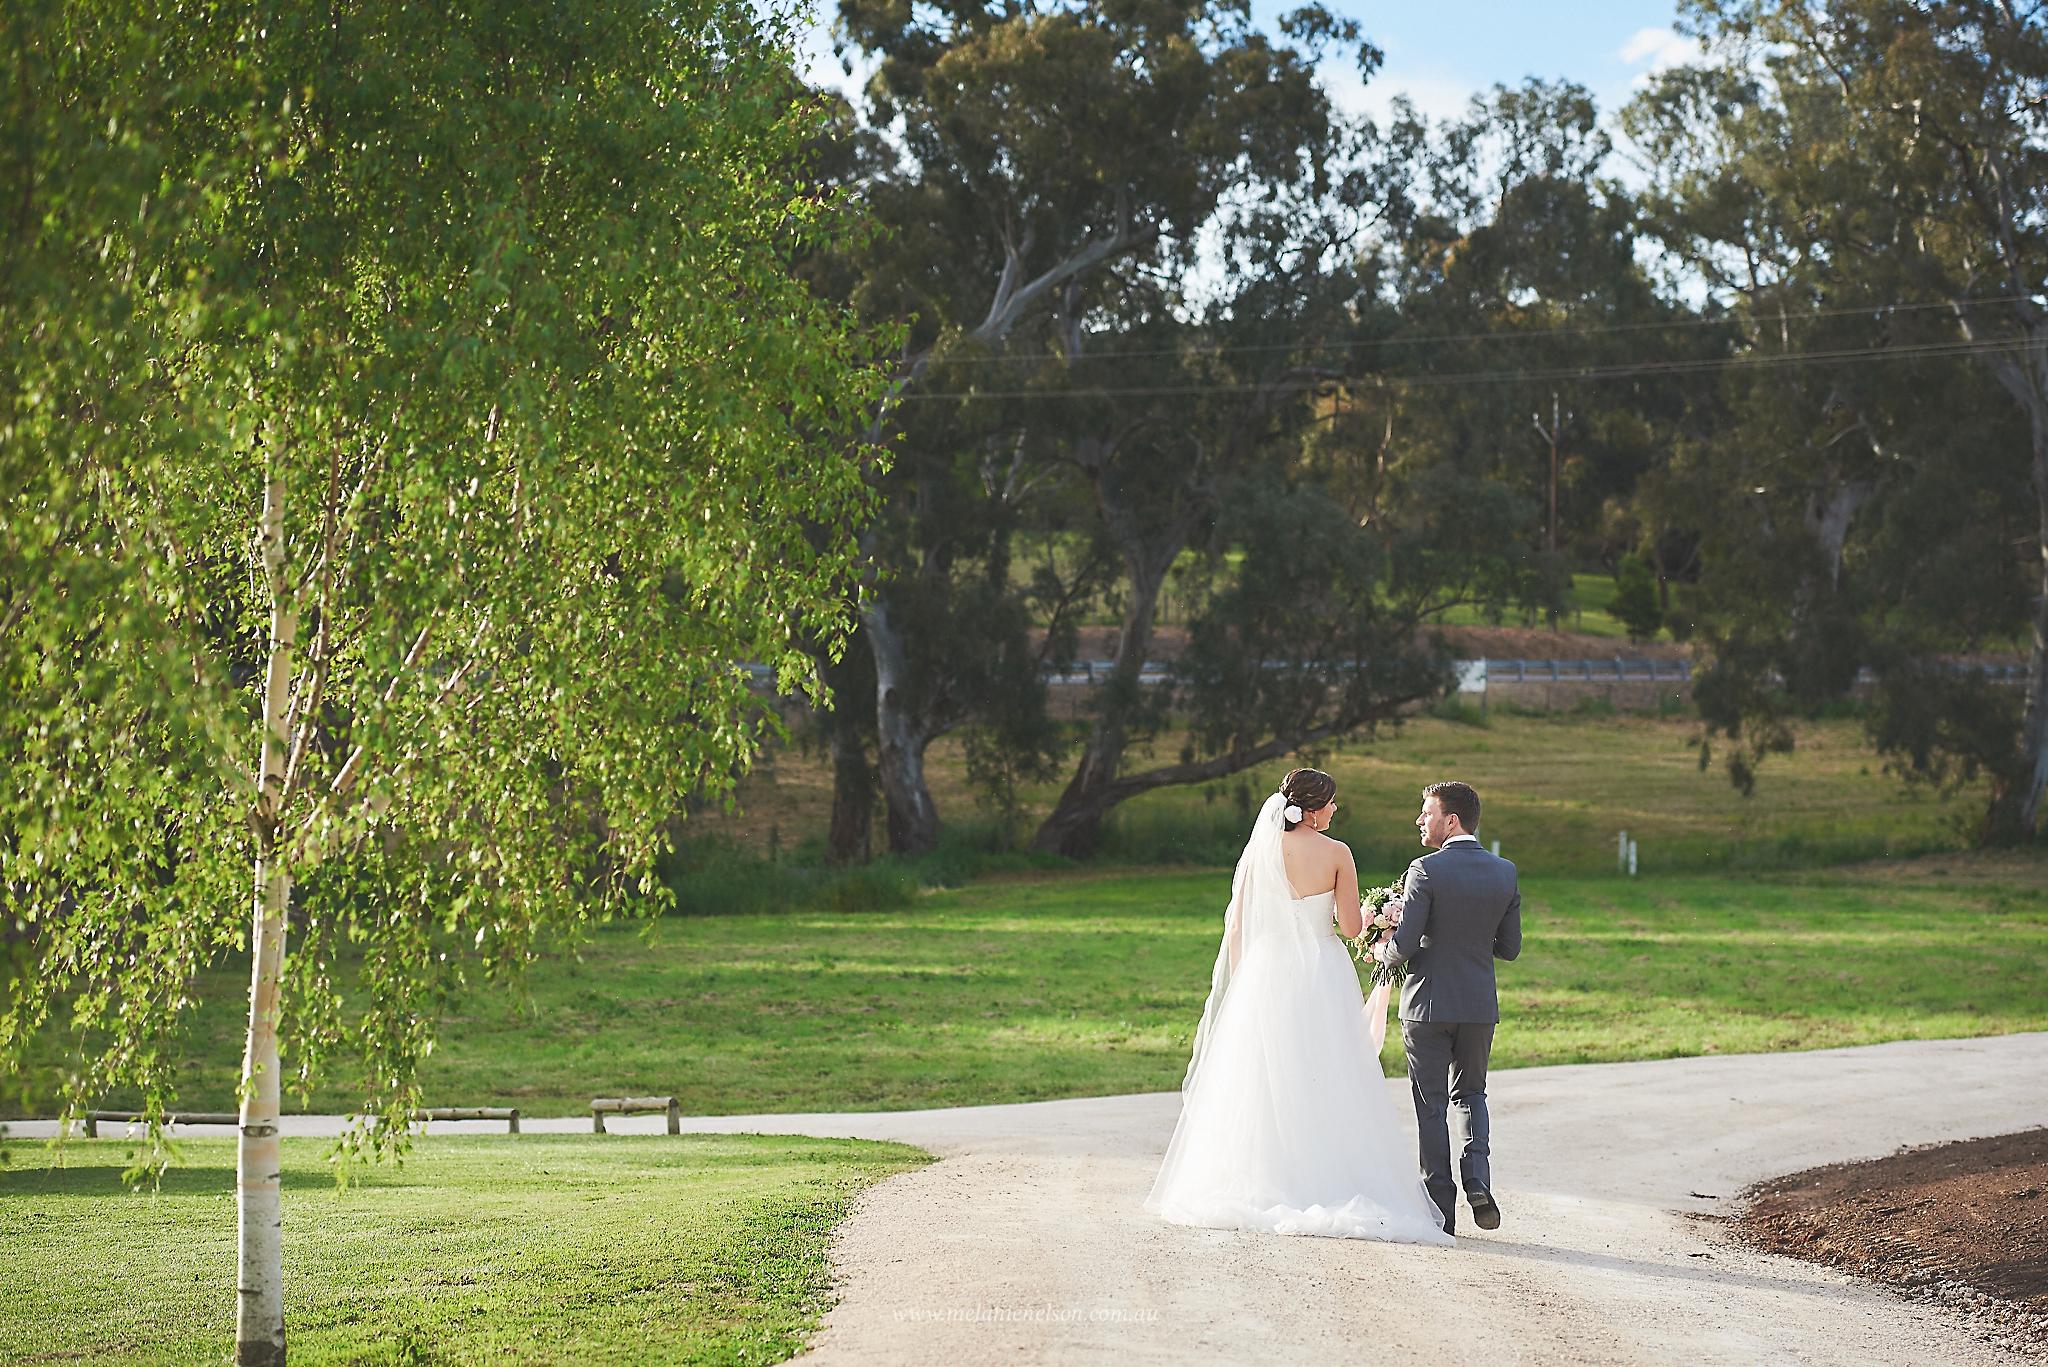 howards_vineyard_wedding_0018.jpg